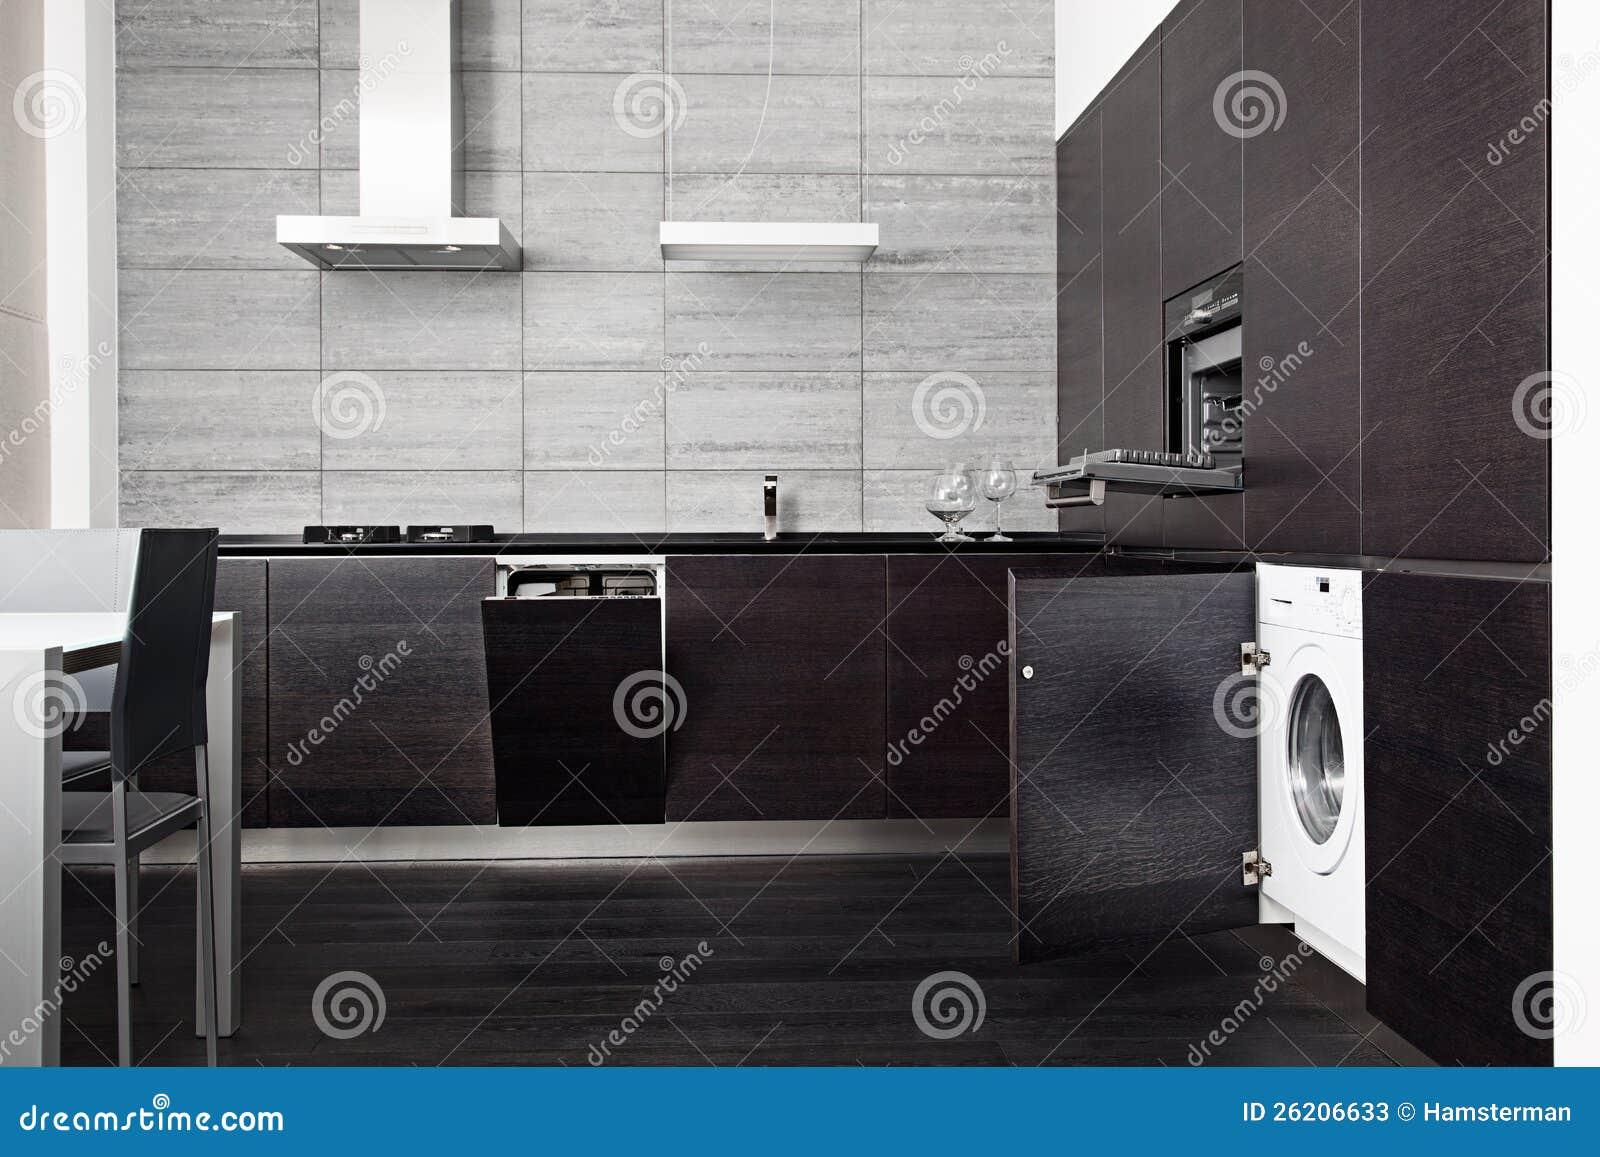 une partie de cuisine noire de bois dur image stock - image du